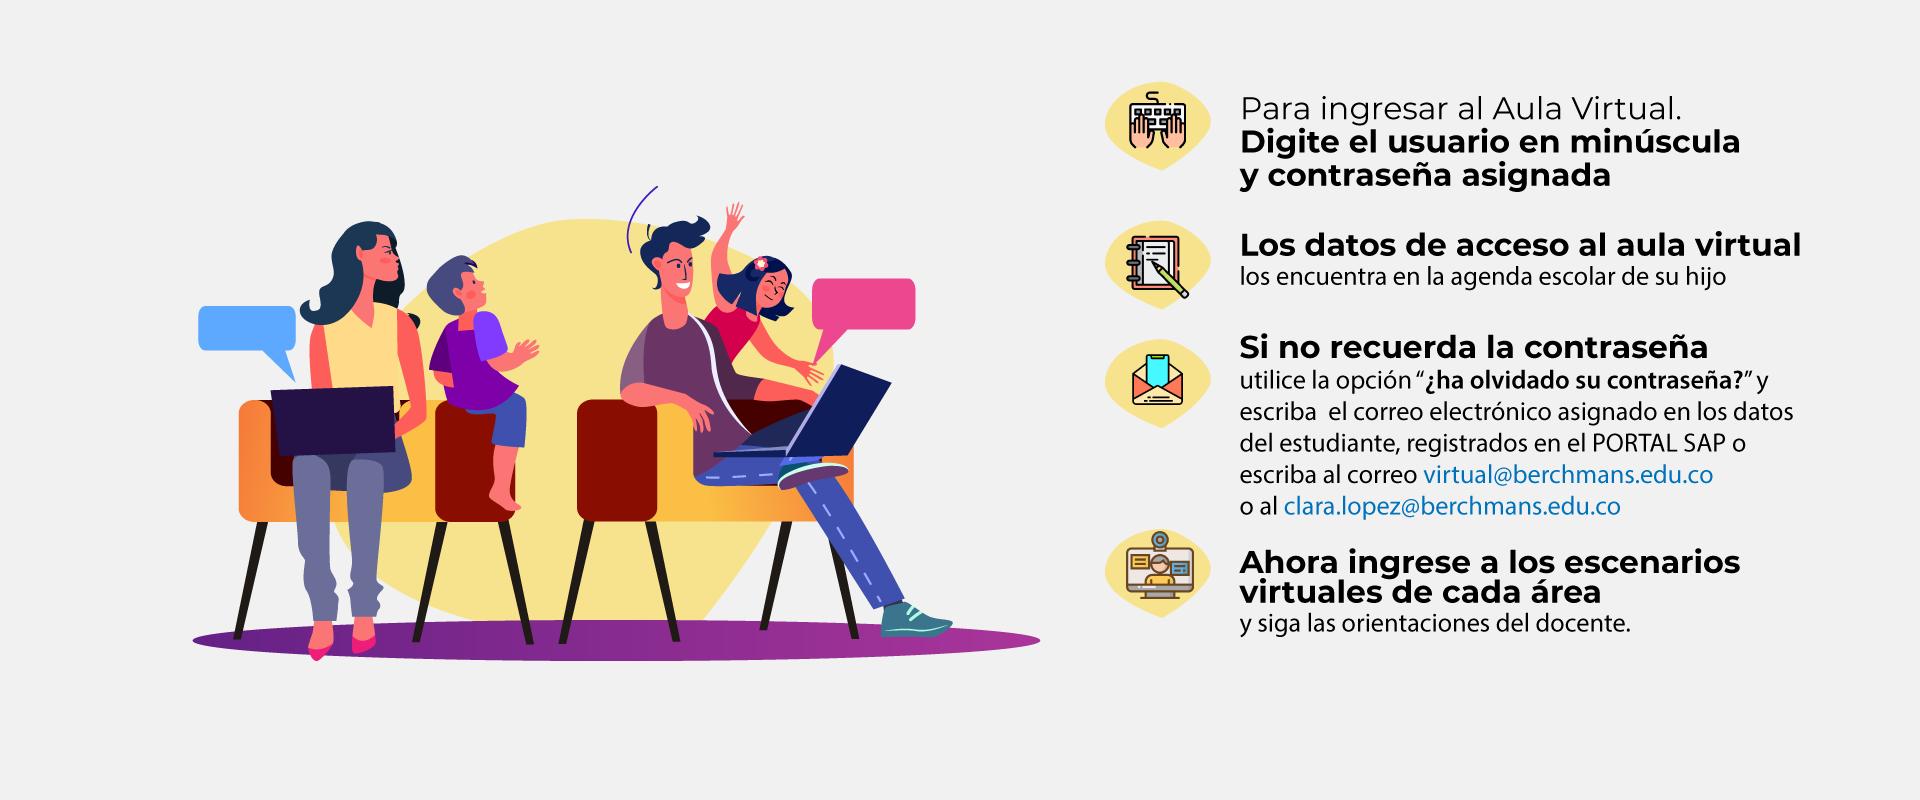 Bienvenidos al Aula Virtual - Primaria